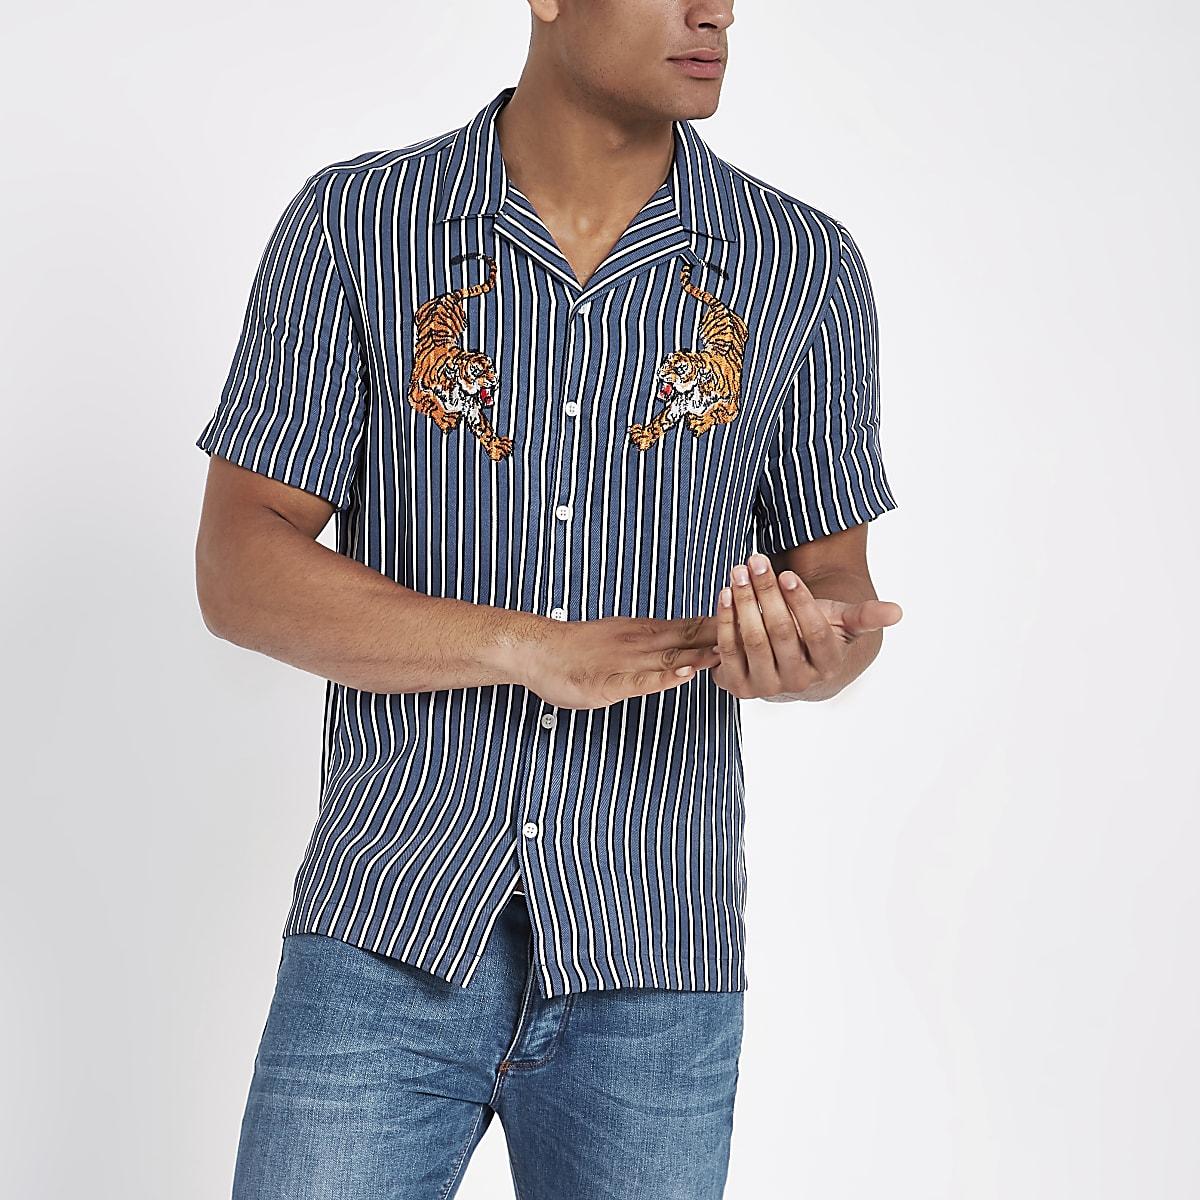 Chemise rayée bleue à tigres brodés